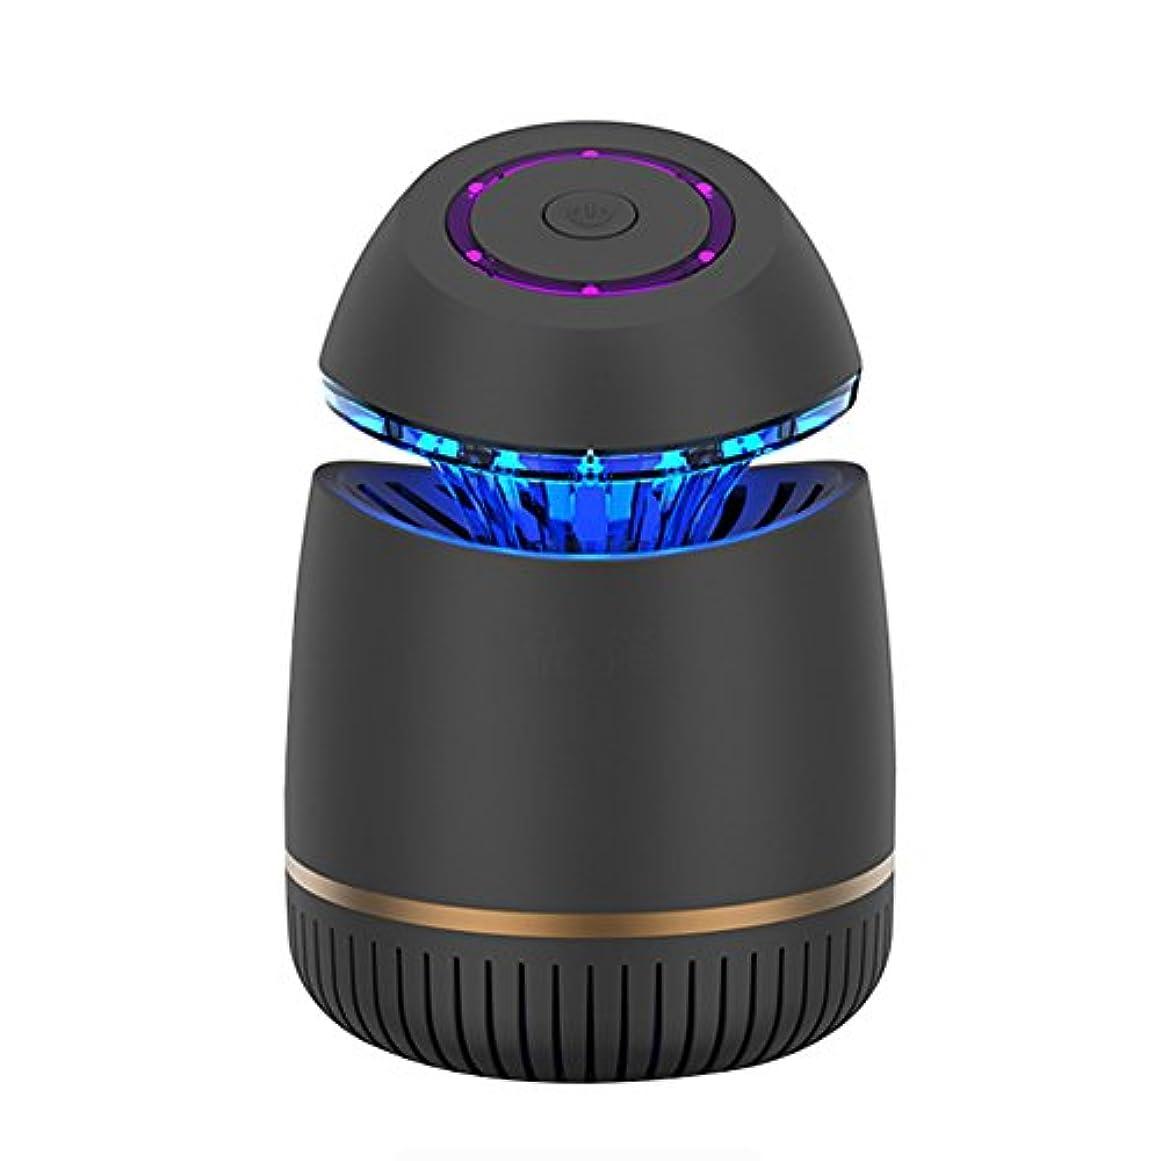 レーニン主義強度機会LIXIONG 蚊ランプ UVA紫色光 無放射線 ミュート 屋内 自動 USBプラグ充電、 2色展開 (色 : 黒)